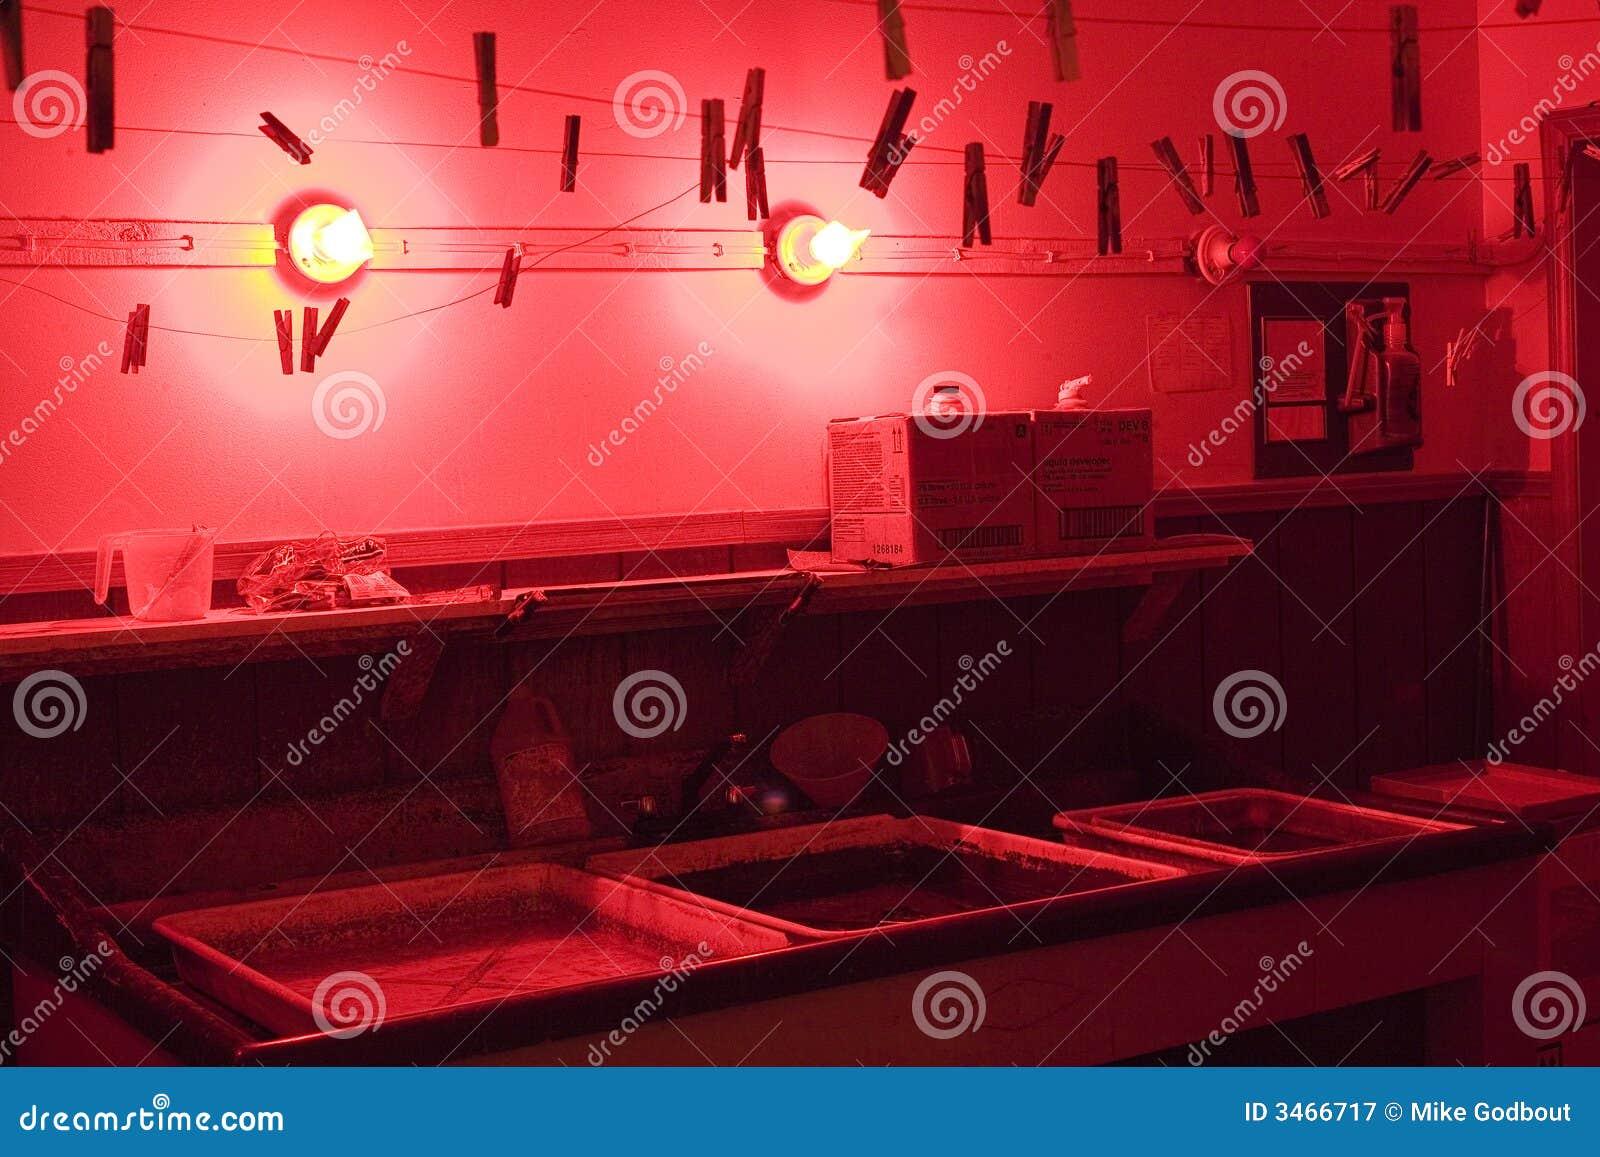 Cuarto oscuro imagen de archivo. Imagen de darkroom, luces ...